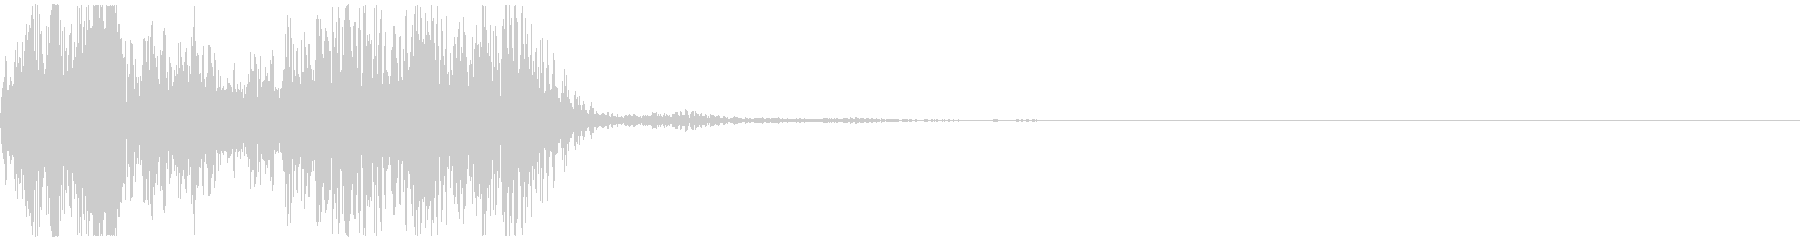 アニメにありそうなエネルギー弾(ポヒ)の未再生の波形